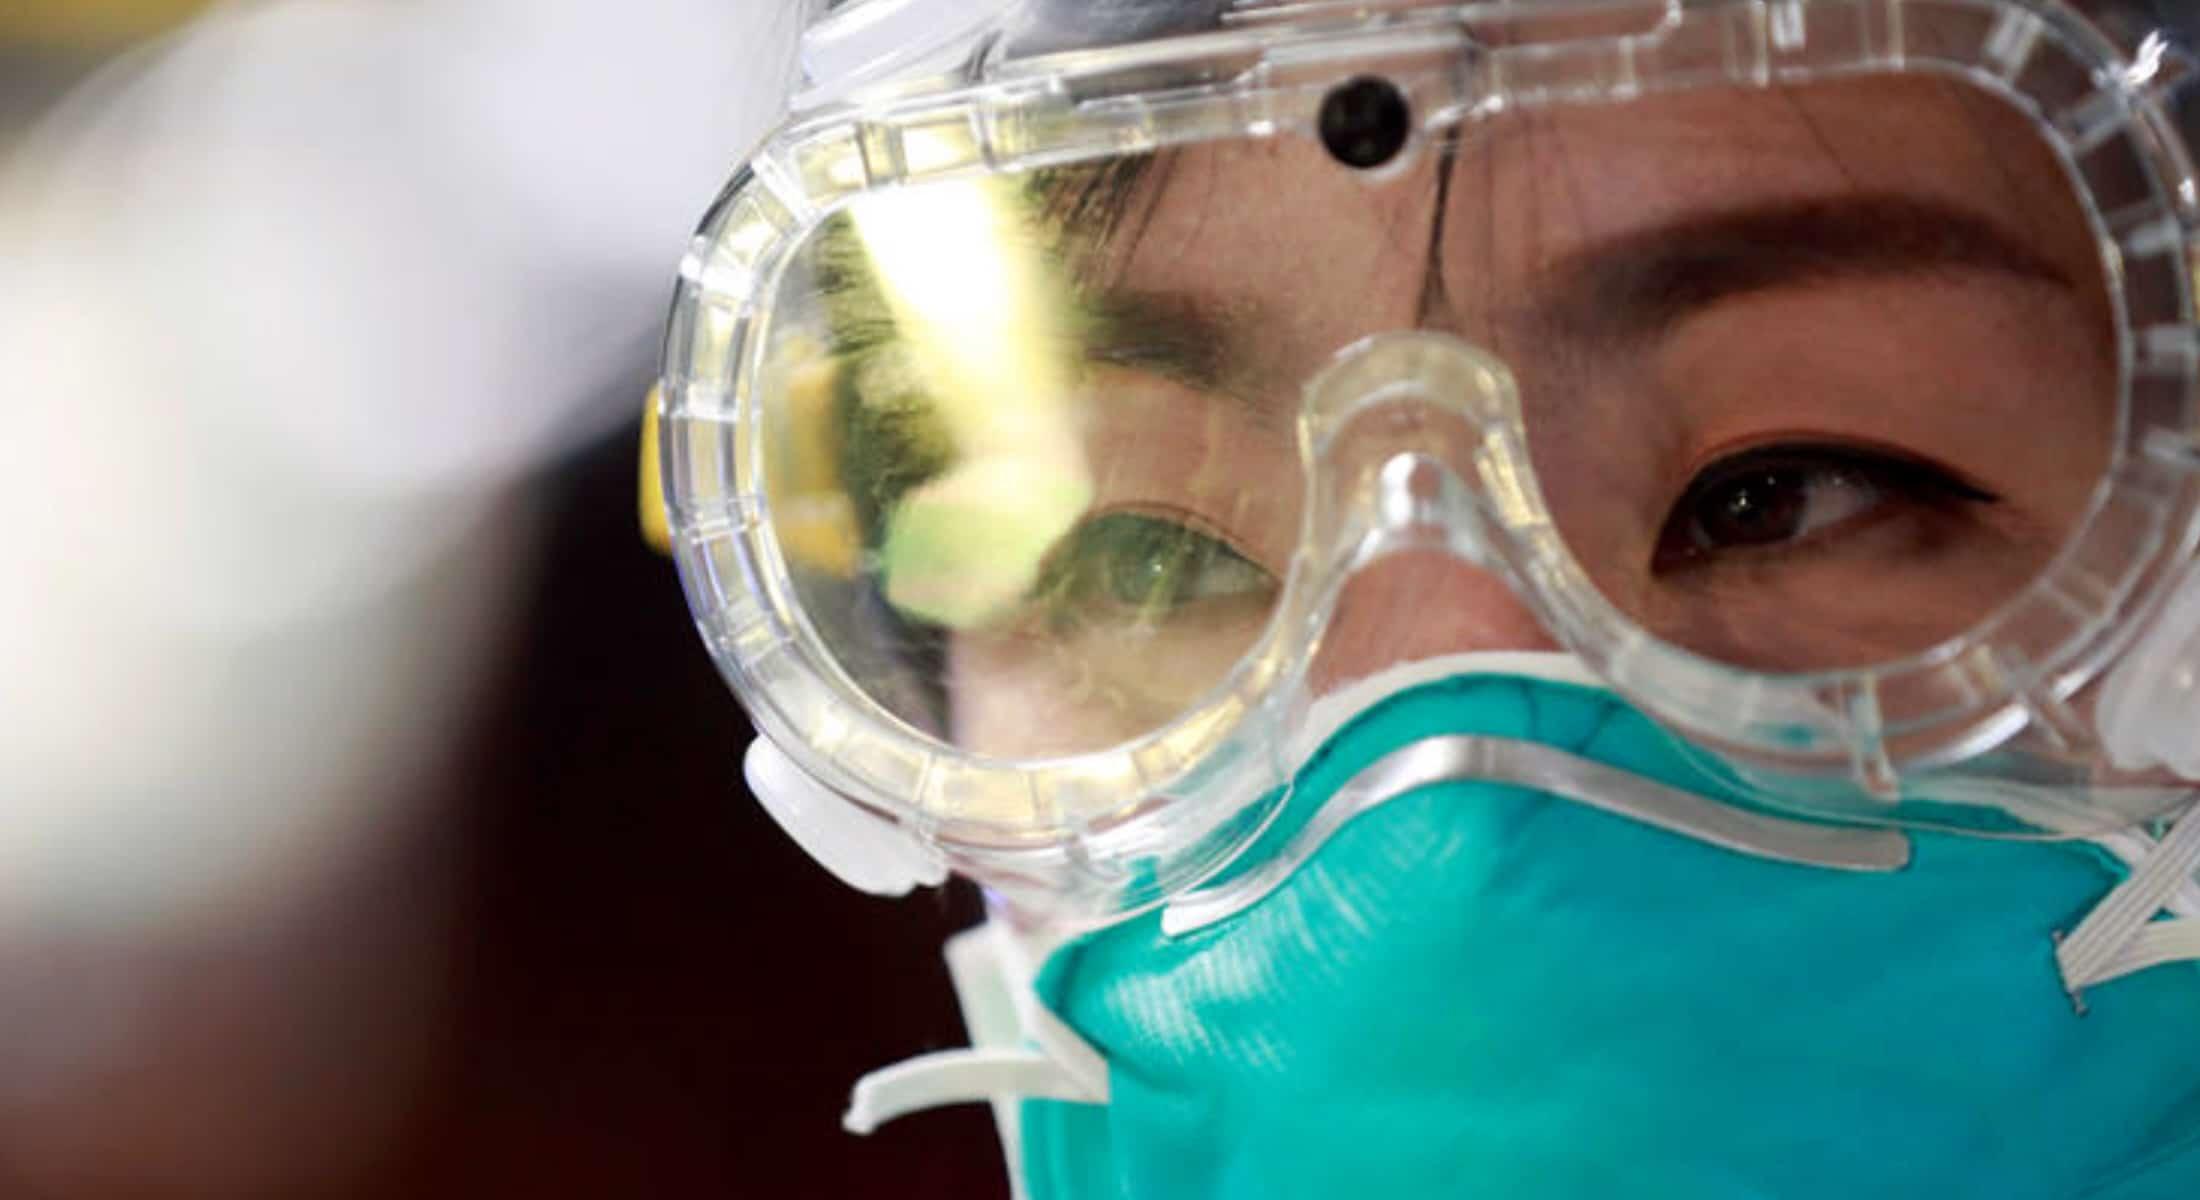 Αποτέλεσμα εικόνας για μασκεσ προστασιασ απο ιουσ